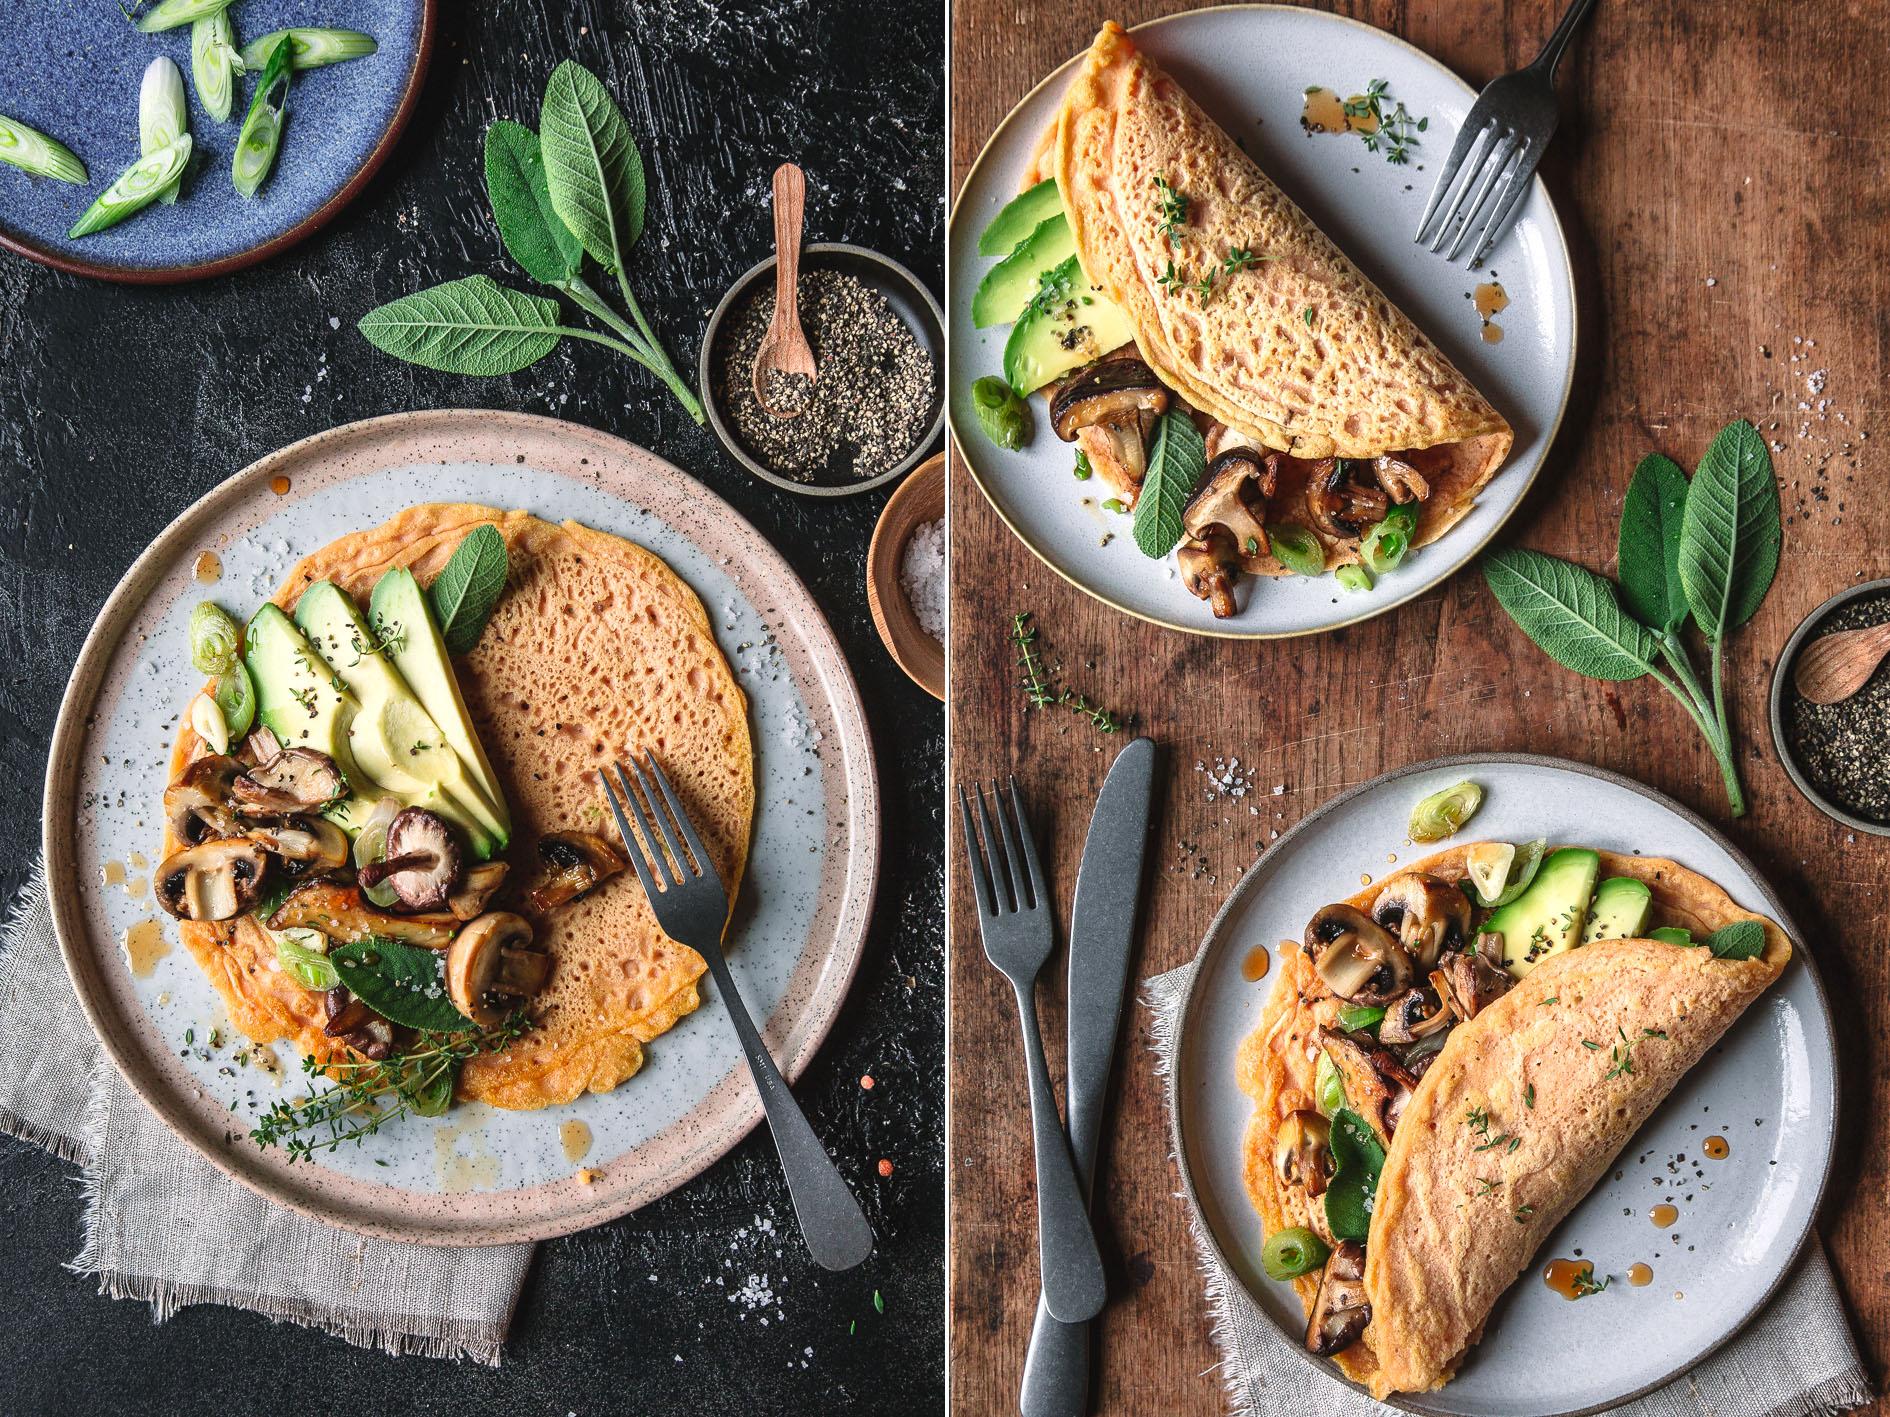 Linsenpfannkuchen mit Avocado und Pilzen